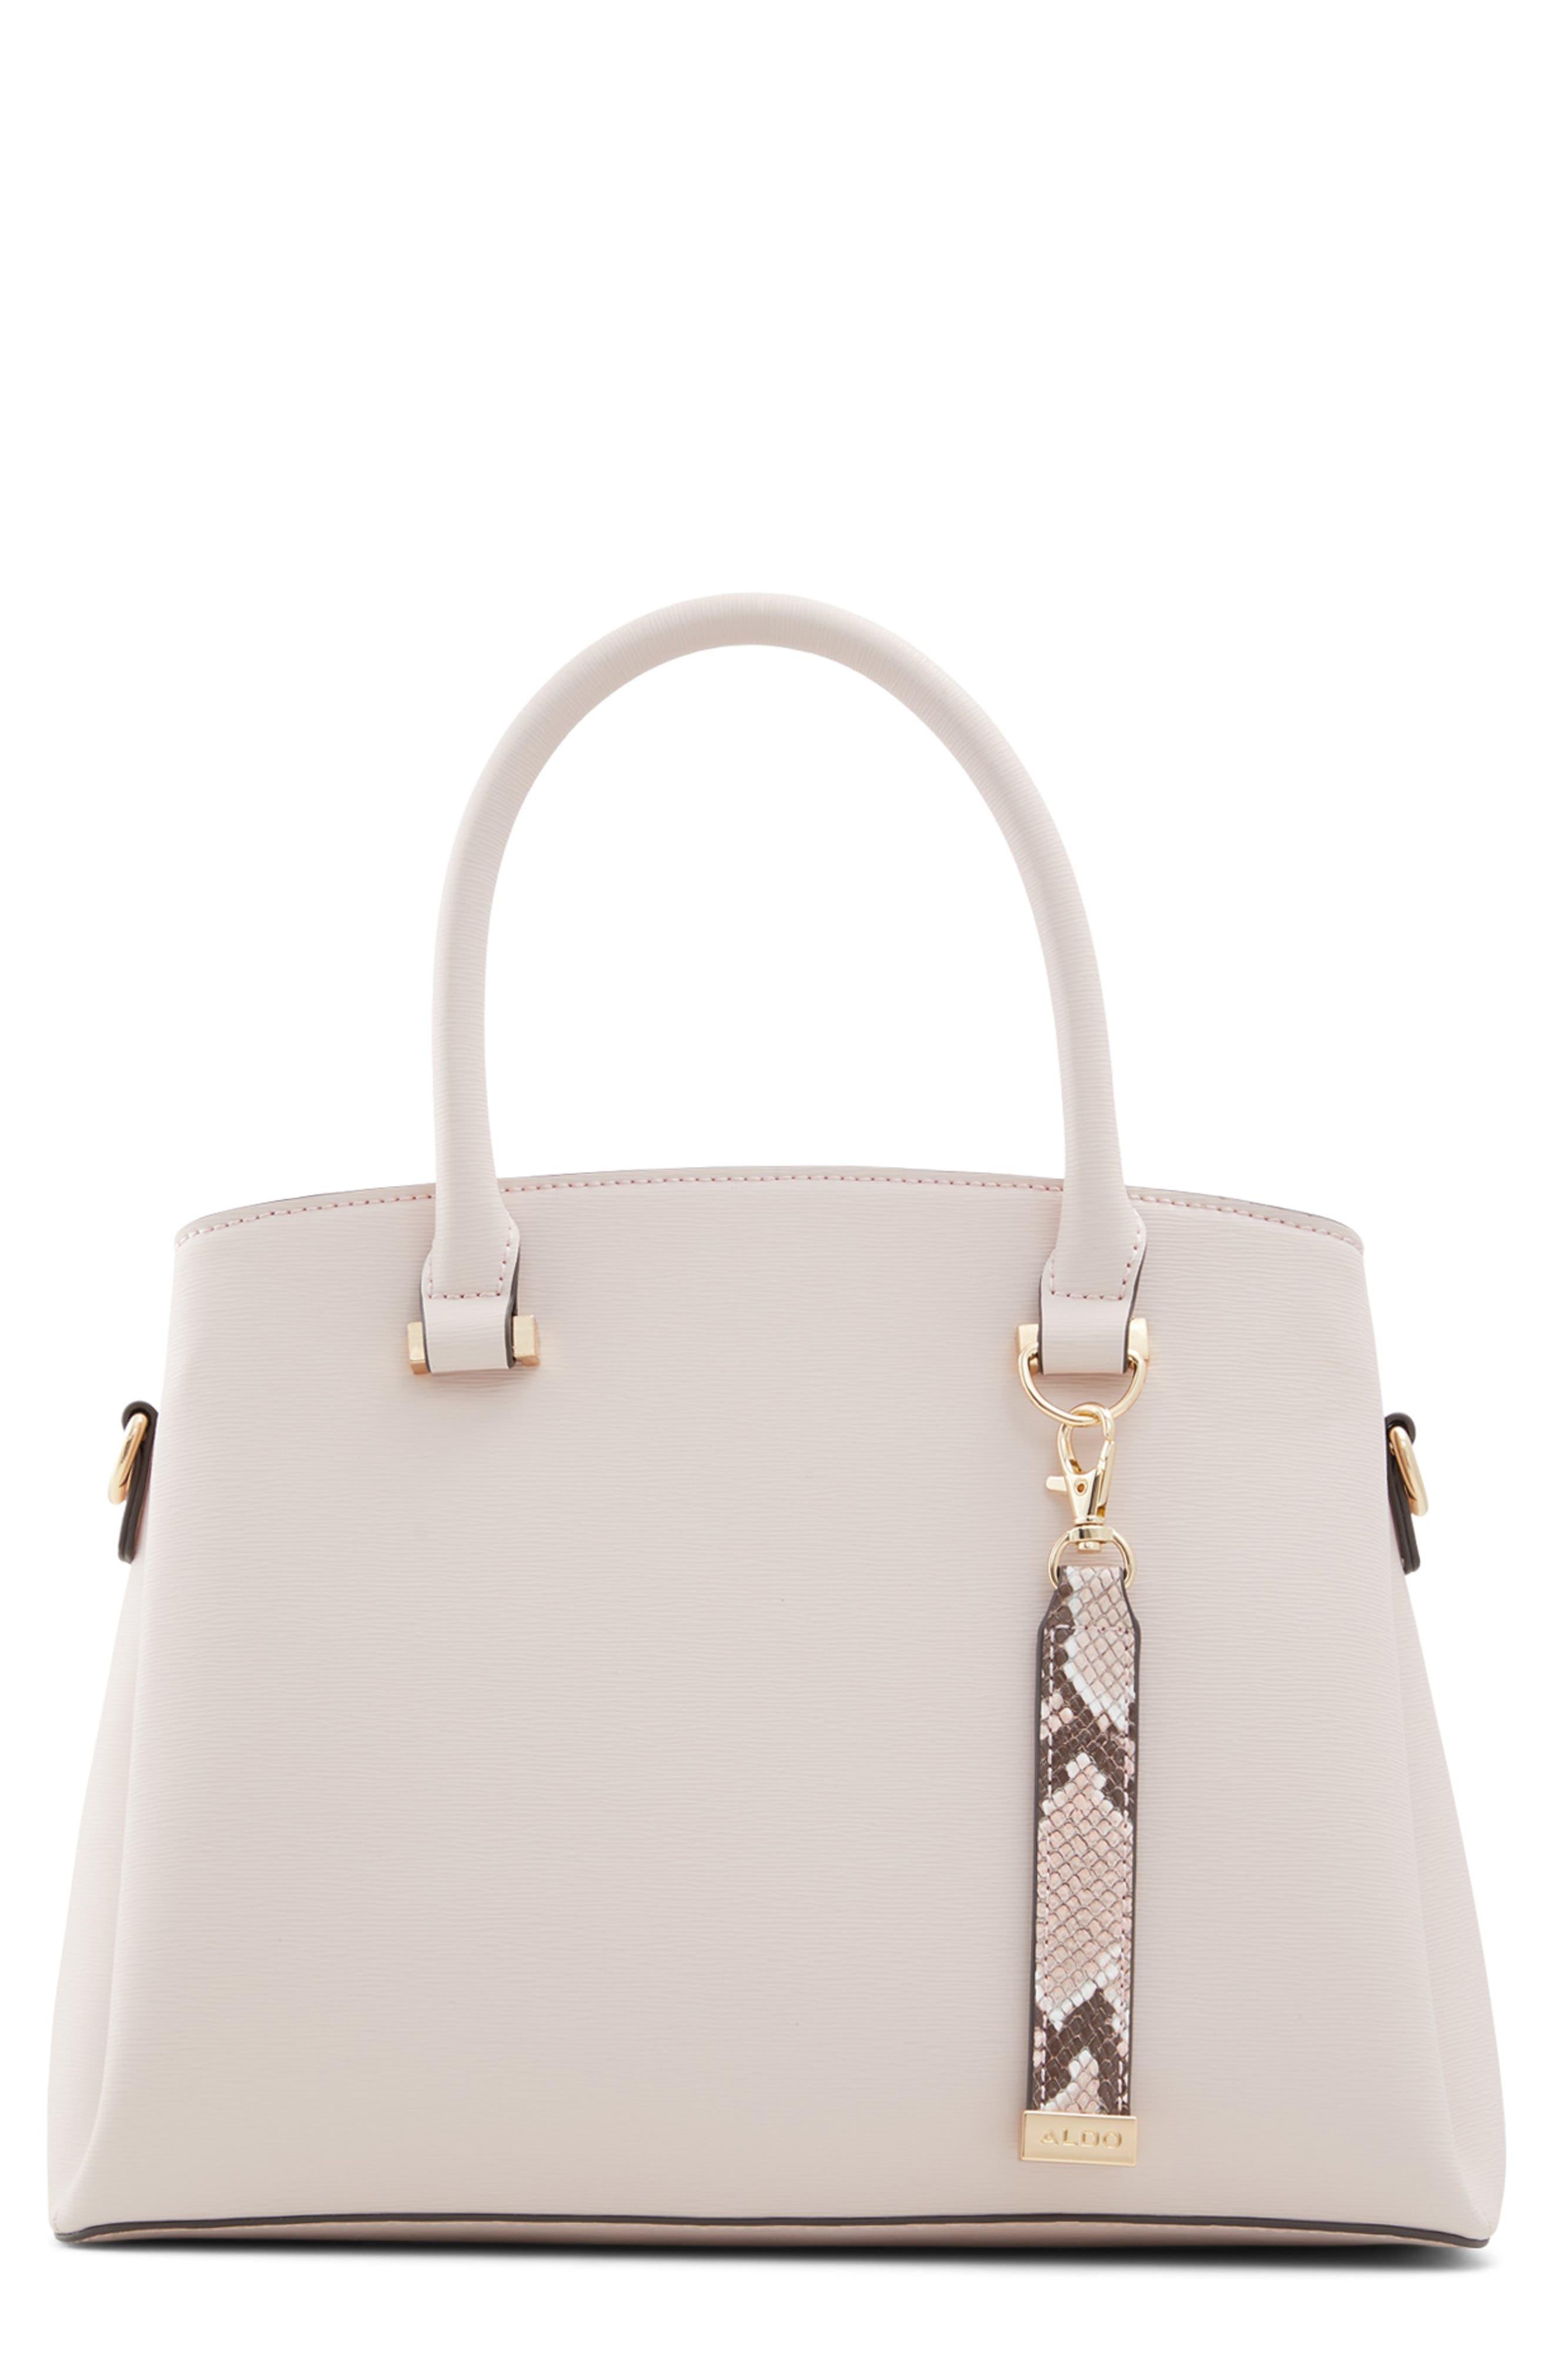 Pinkaax Tote Bag